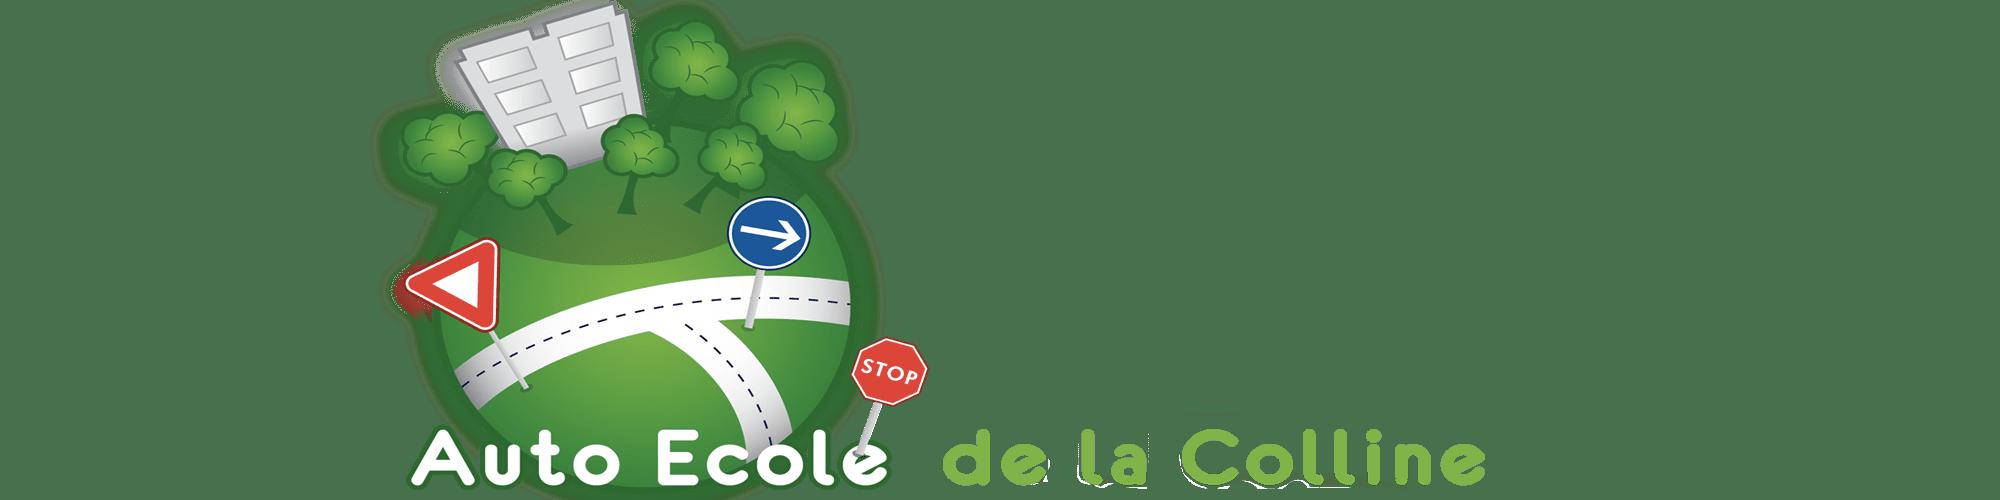 AUTO ECOLE DE La COLLINE